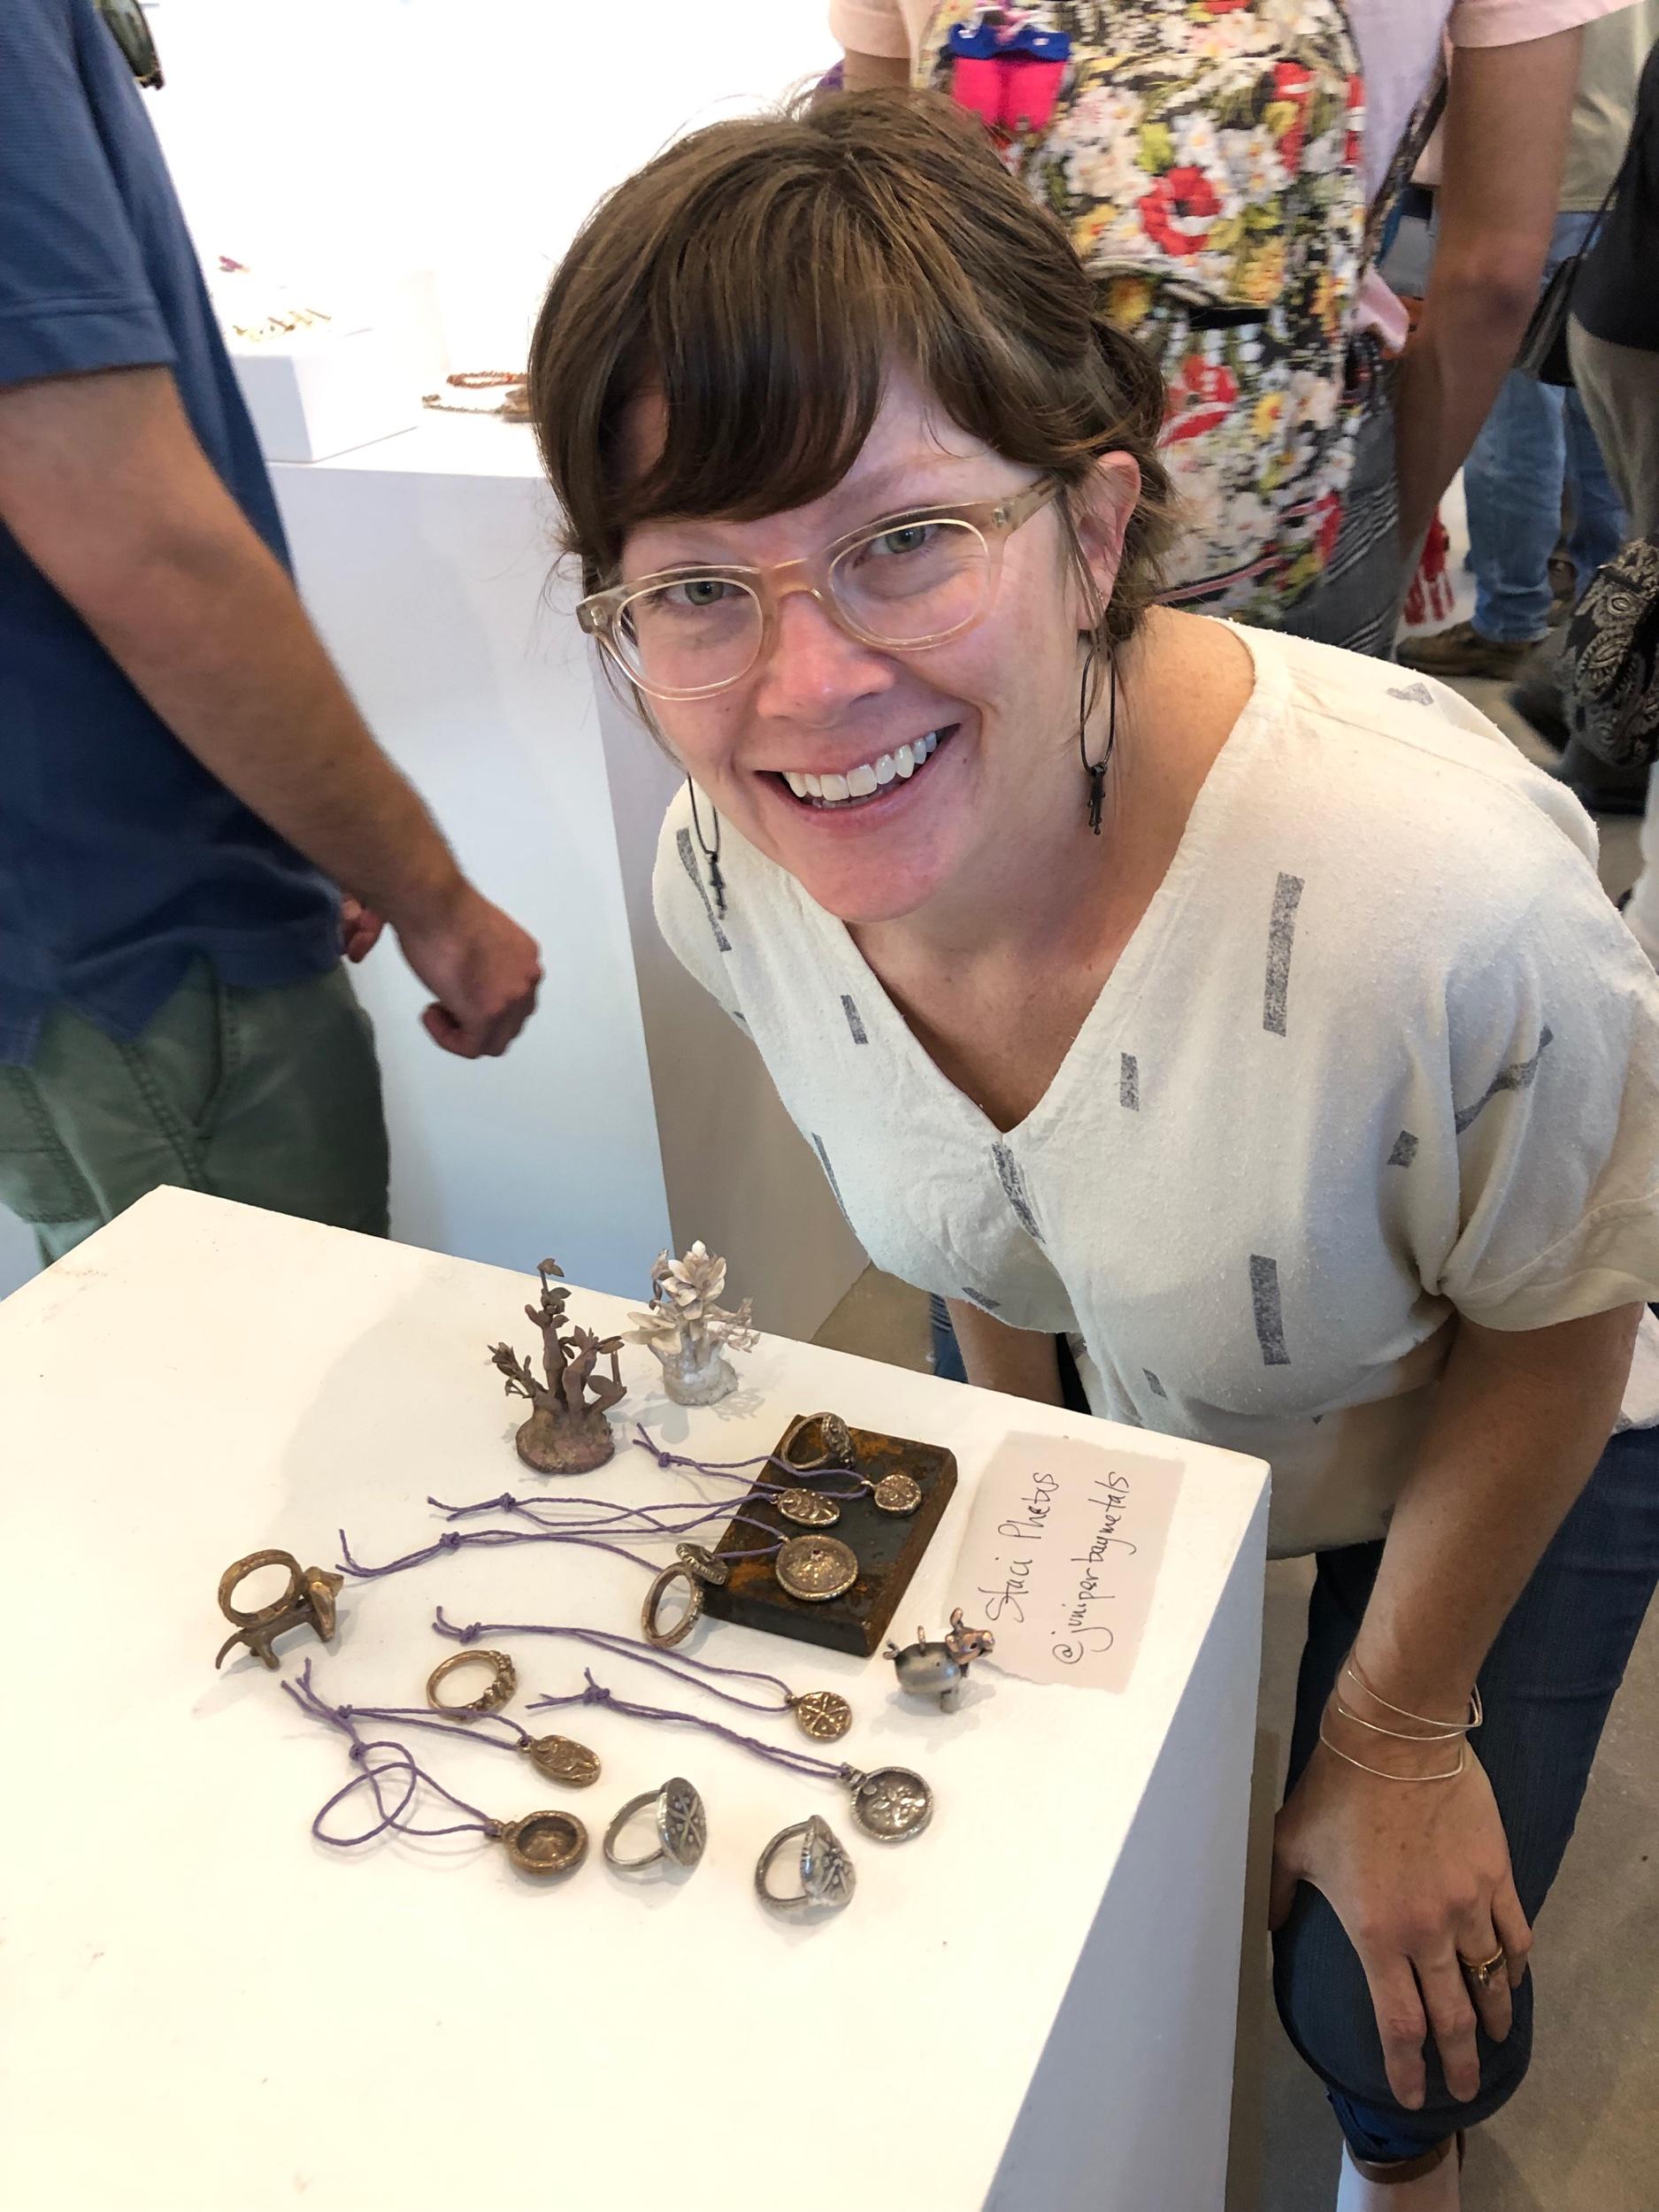 My friend and neighbor, Staci Sawyer, and her amazing cast jewelry.